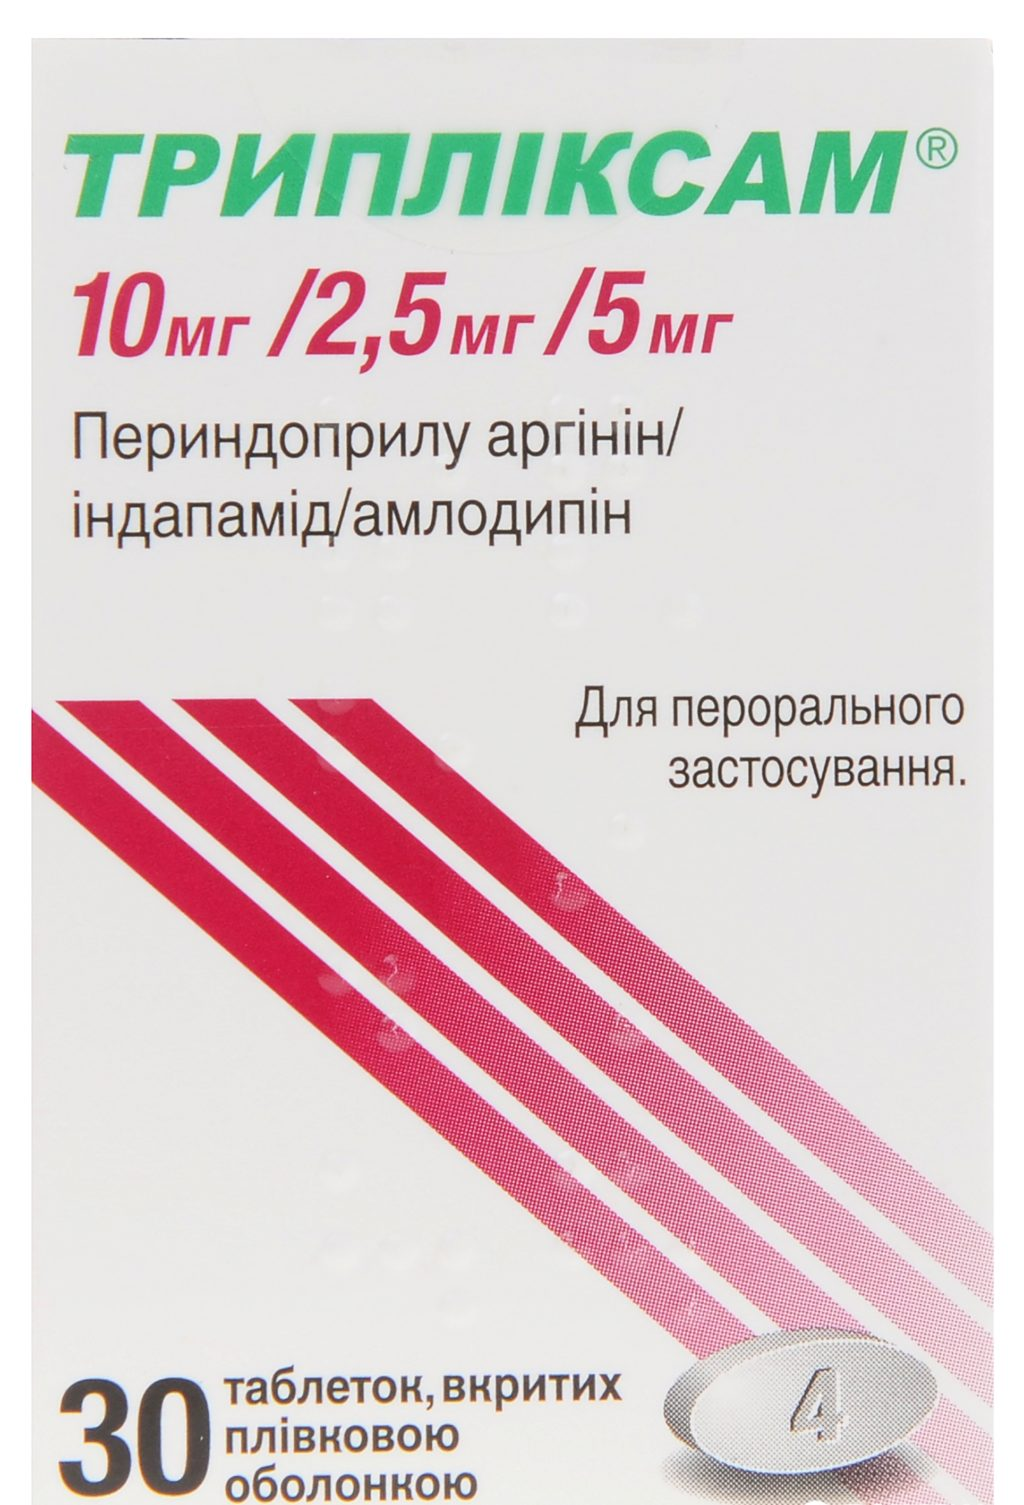 magas vérnyomású hörgőgörcs)